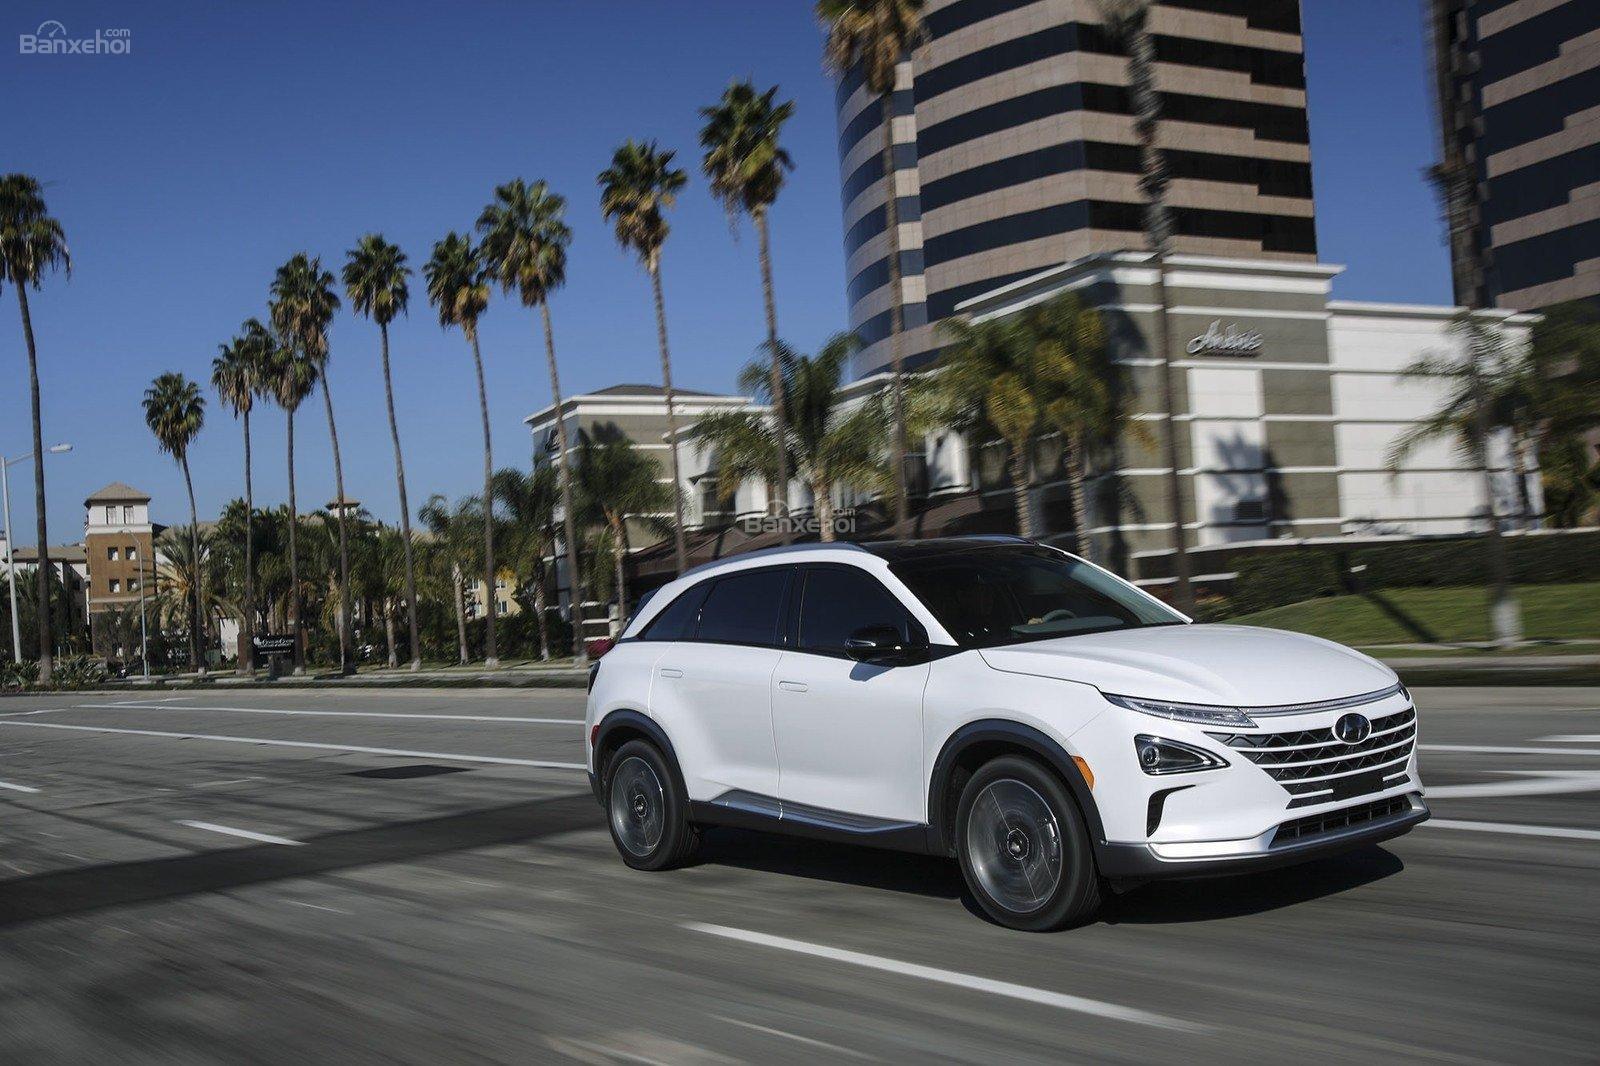 Đánh giá xe Hyundai Nexo 2019: Sở hữu nhiều công nghệ an toàn tiên tiến hiện nay 1a